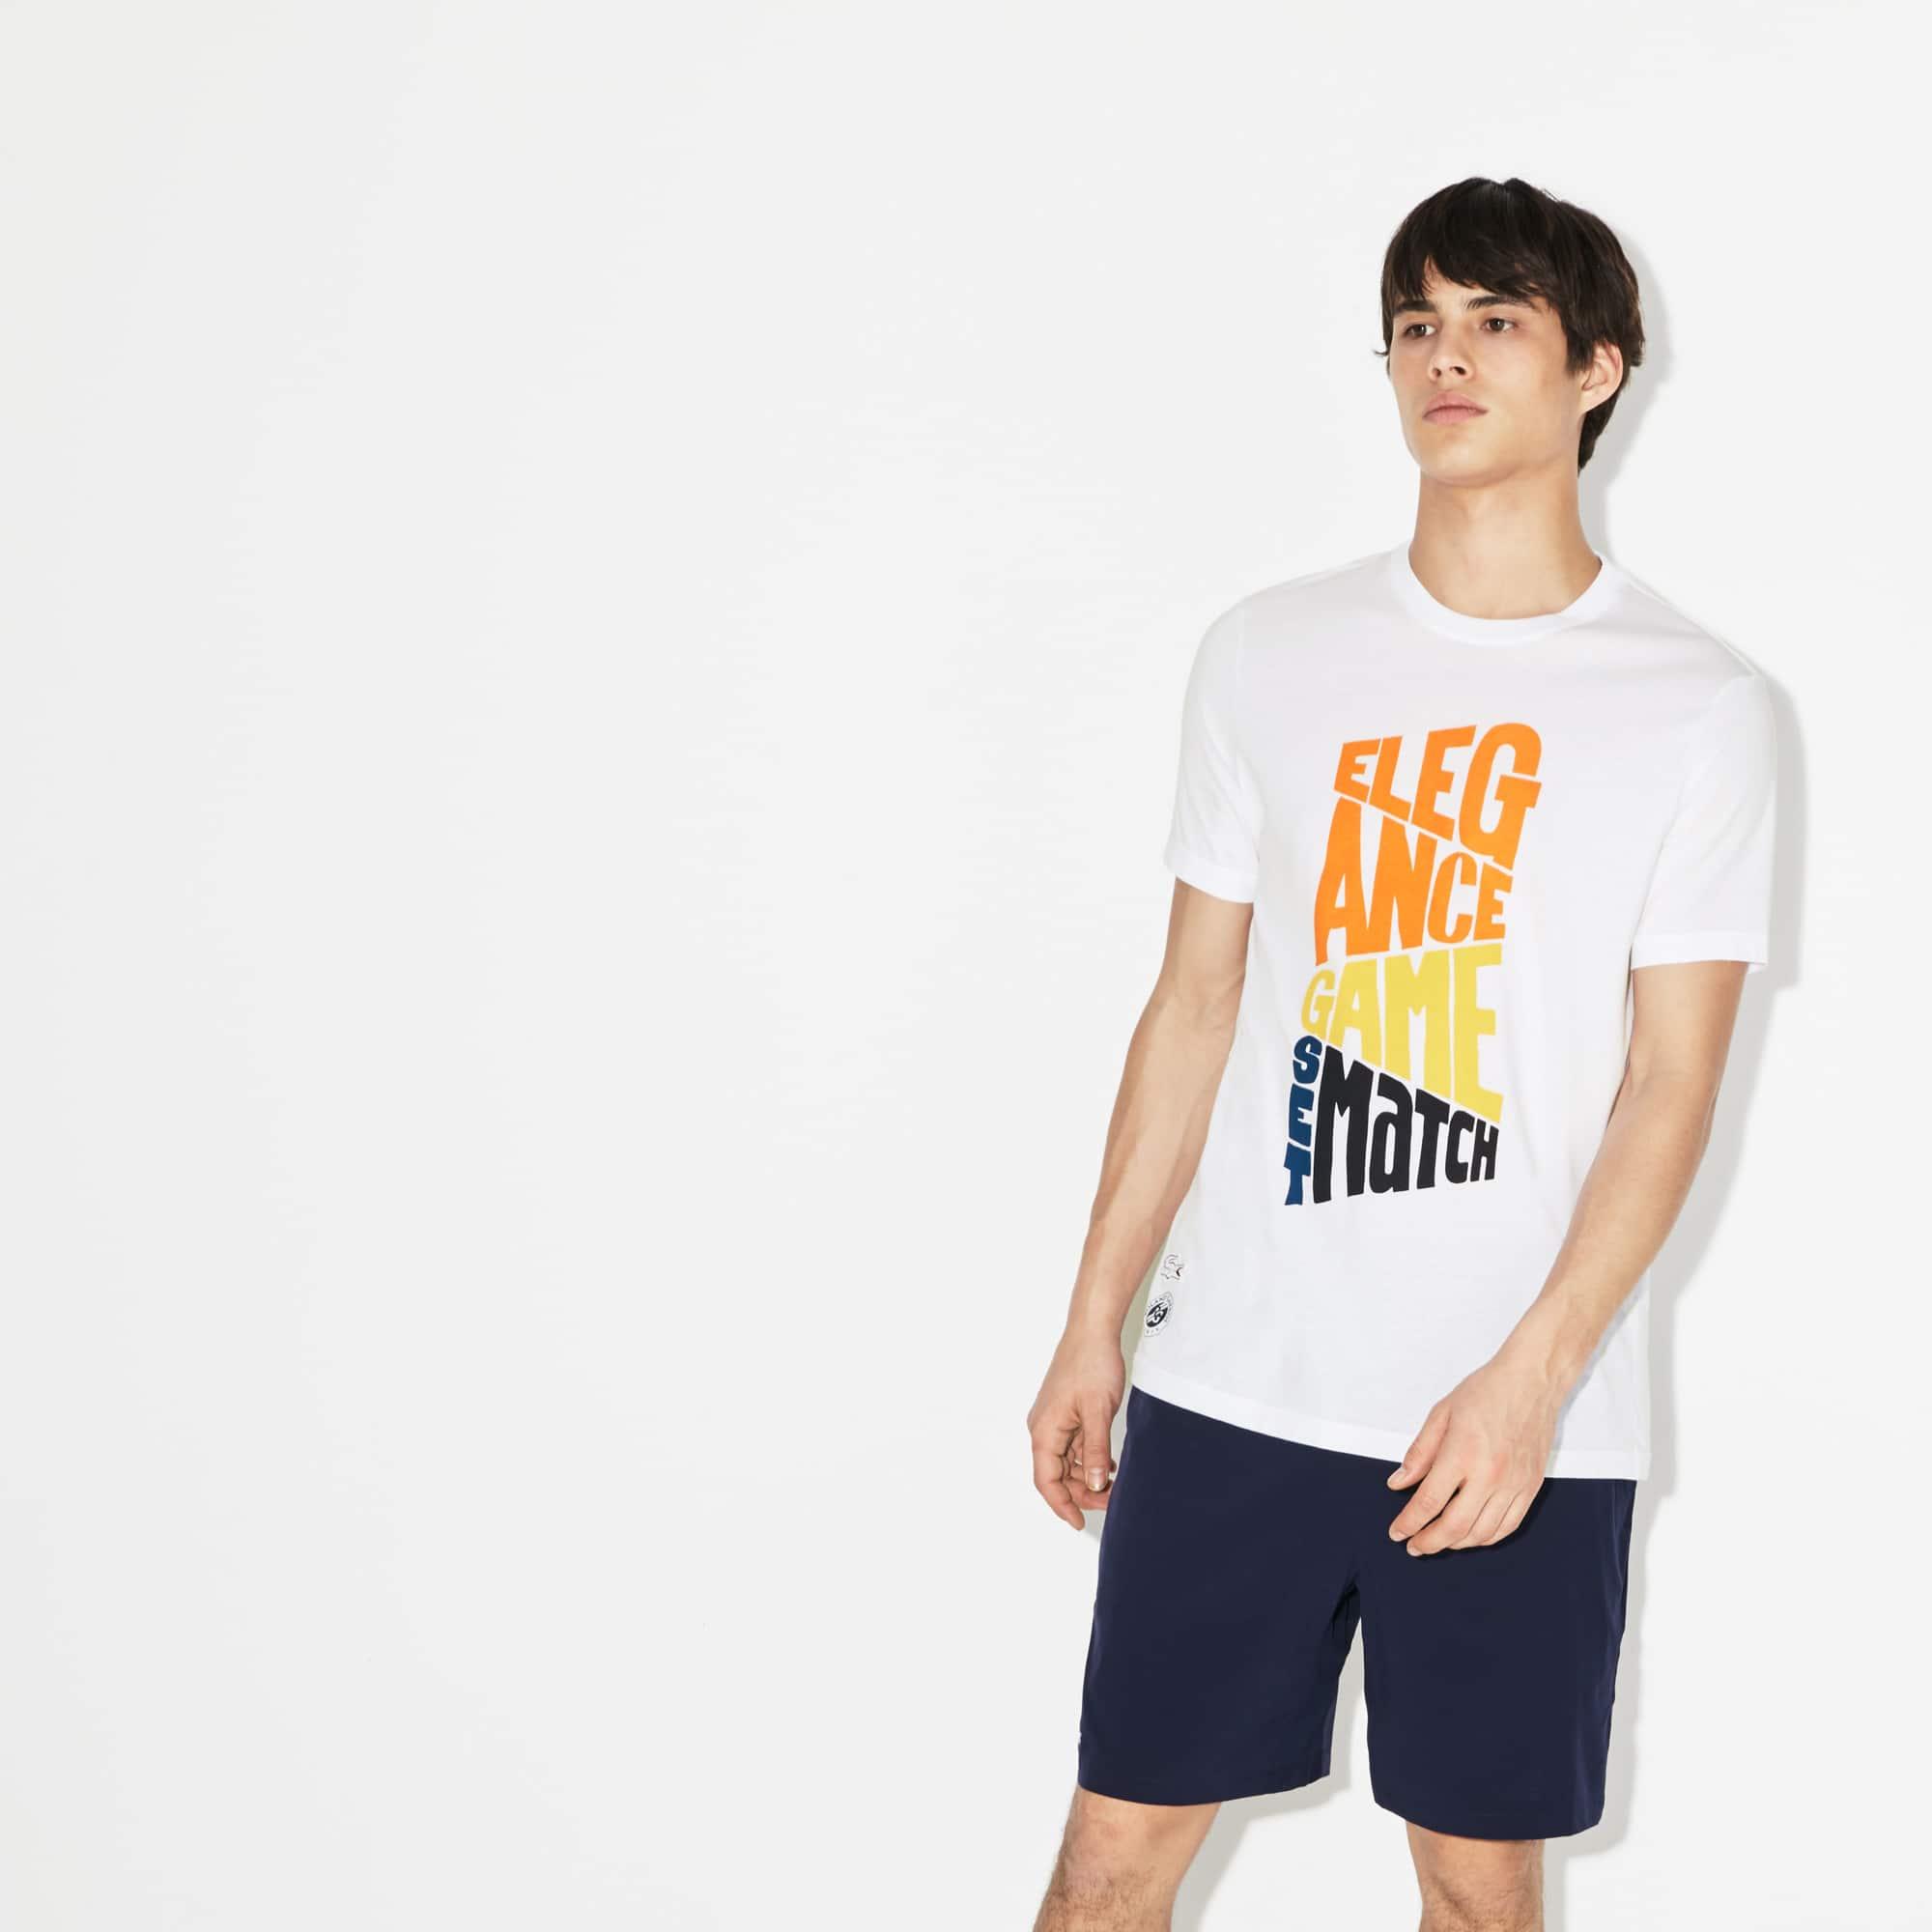 Men's Lacoste SPORT Roland Garros Design Cotton T-shirt